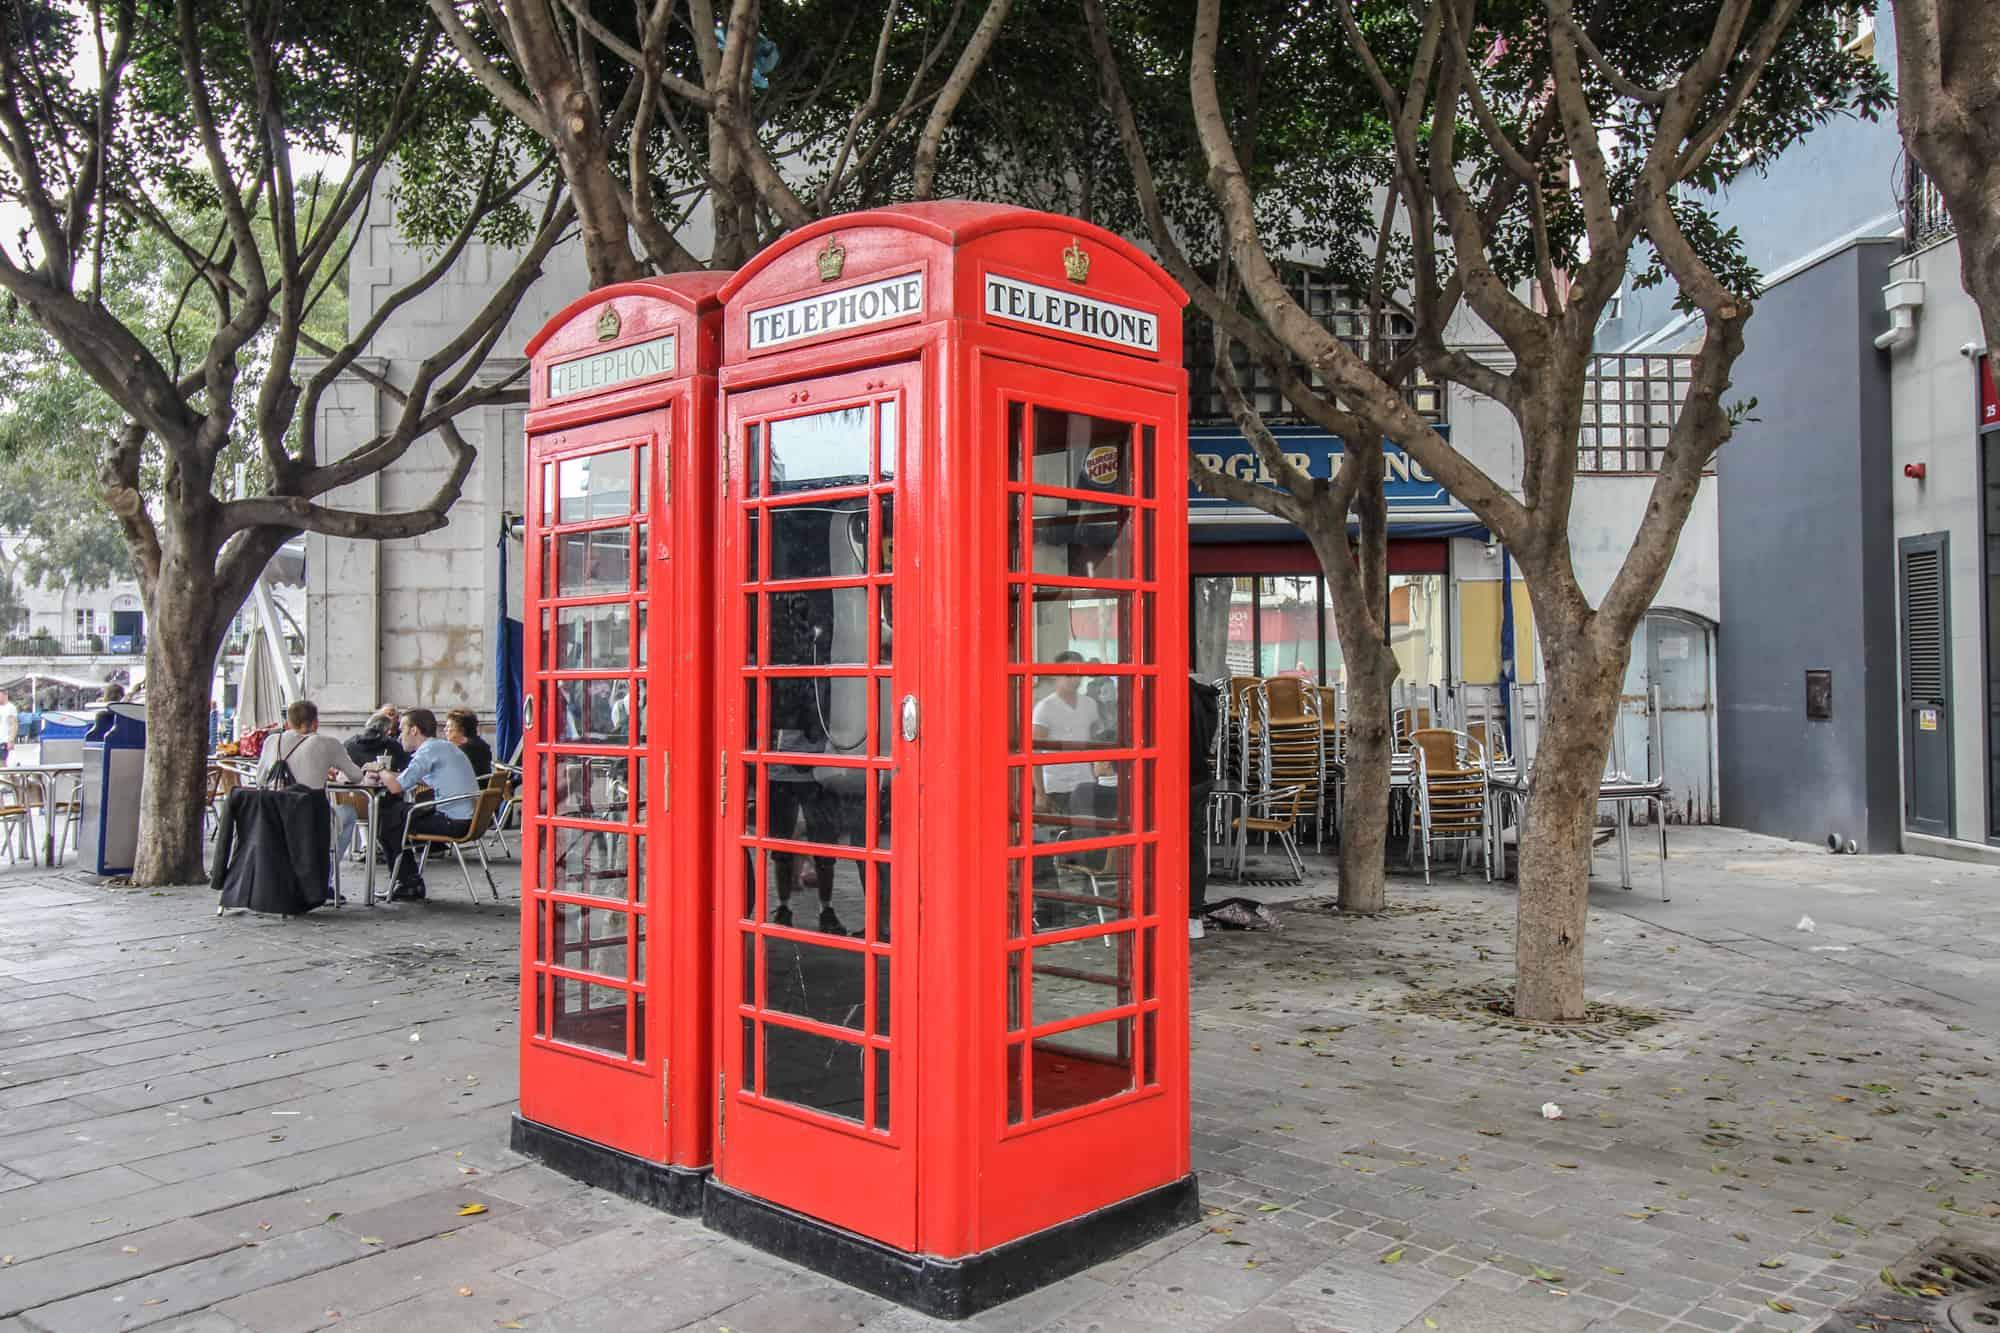 Telephone Gibraltar